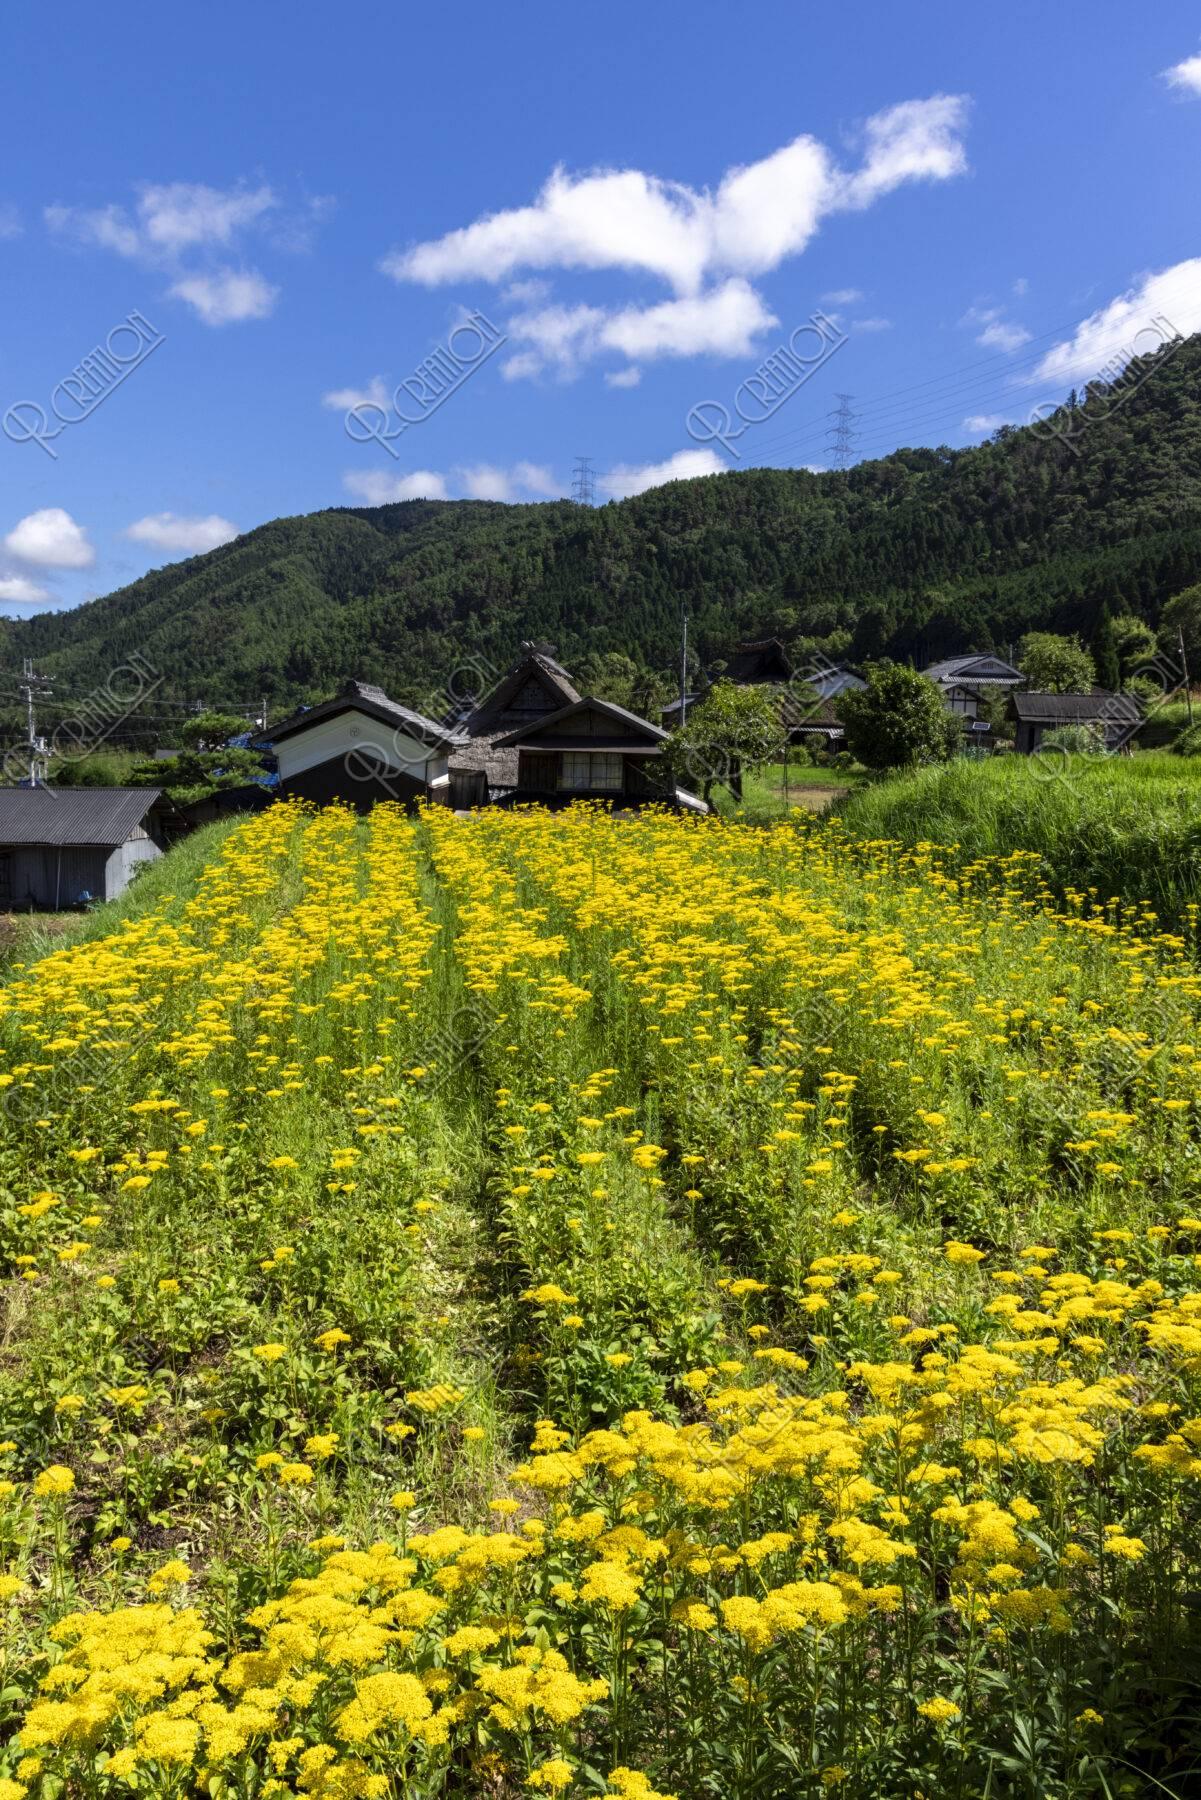 オミナエシ咲く山村